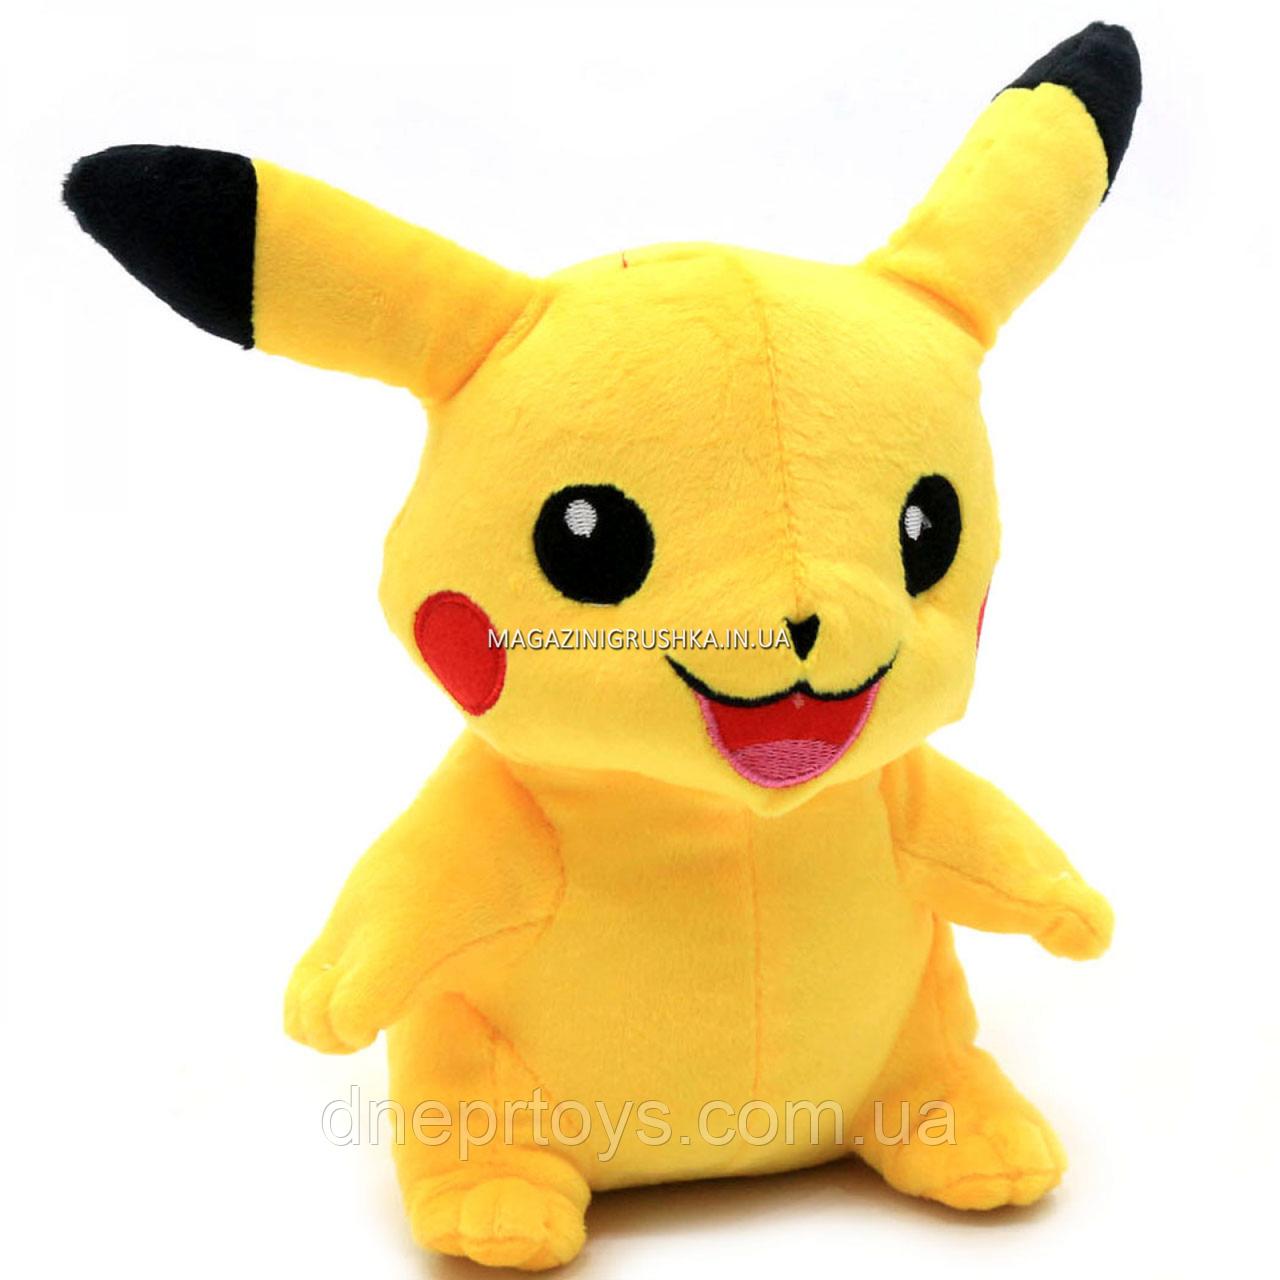 Мягкая игрушка Покемон - Пикачу №1 23см арт.24786/00664-1